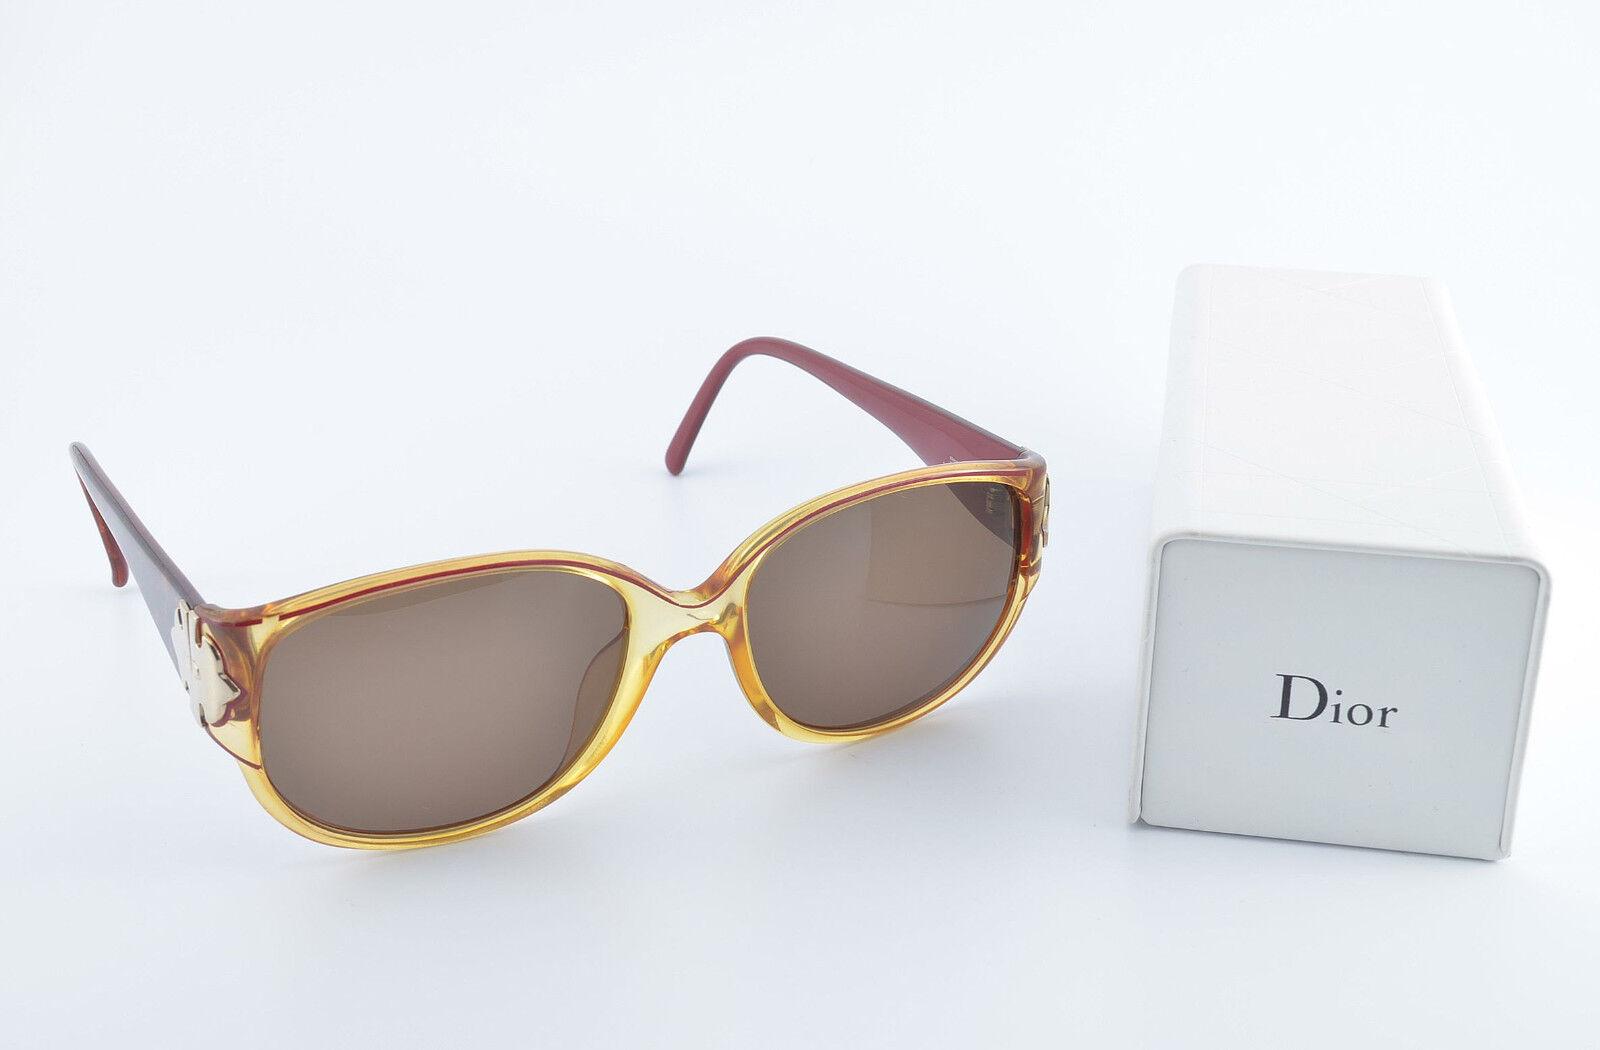 CHRISTIAN DIOR Optyl Sonnenbrille Mod. 2419 30 5617 135 Woman Sunglasses 80s | Starke Hitze- und Abnutzungsbeständigkeit  | Kostengünstiger  | Bekannt für seine schöne Qualität  | Guter Markt